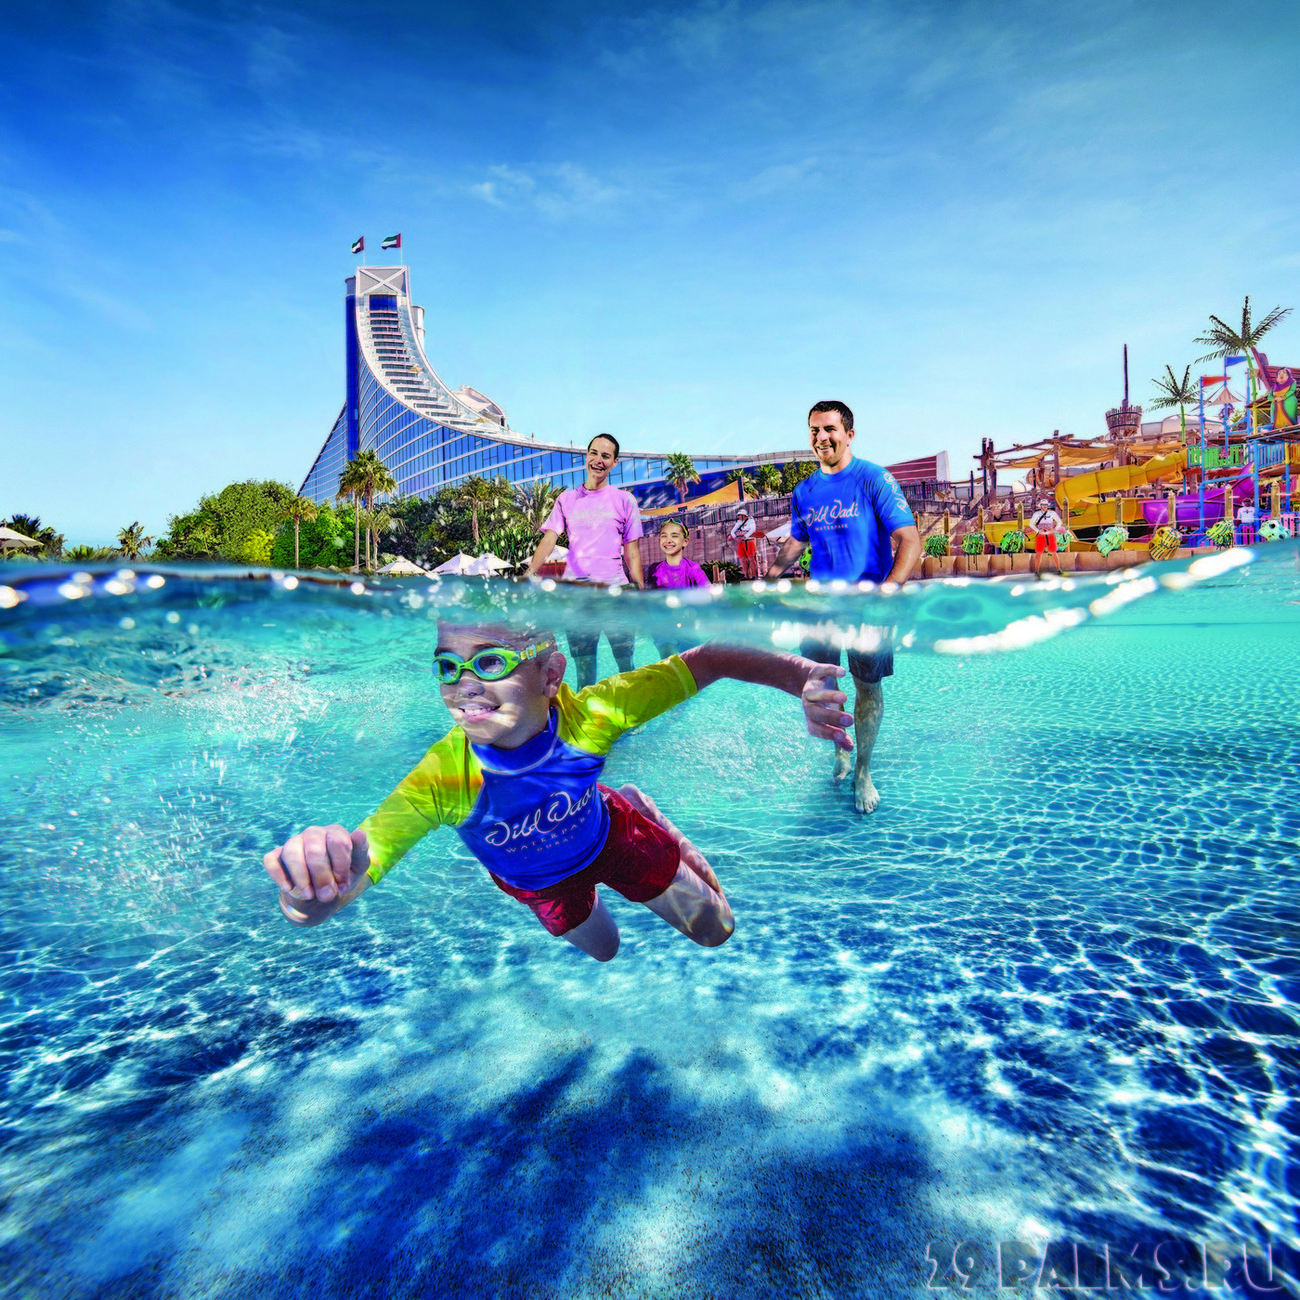 Отримаєте безкоштовний доступ протягом усього періоду перебування у готелі до аквапарку Wild Wadi Waterpark ™ - одного з найбільш відомих тематичних аквапарків світу.